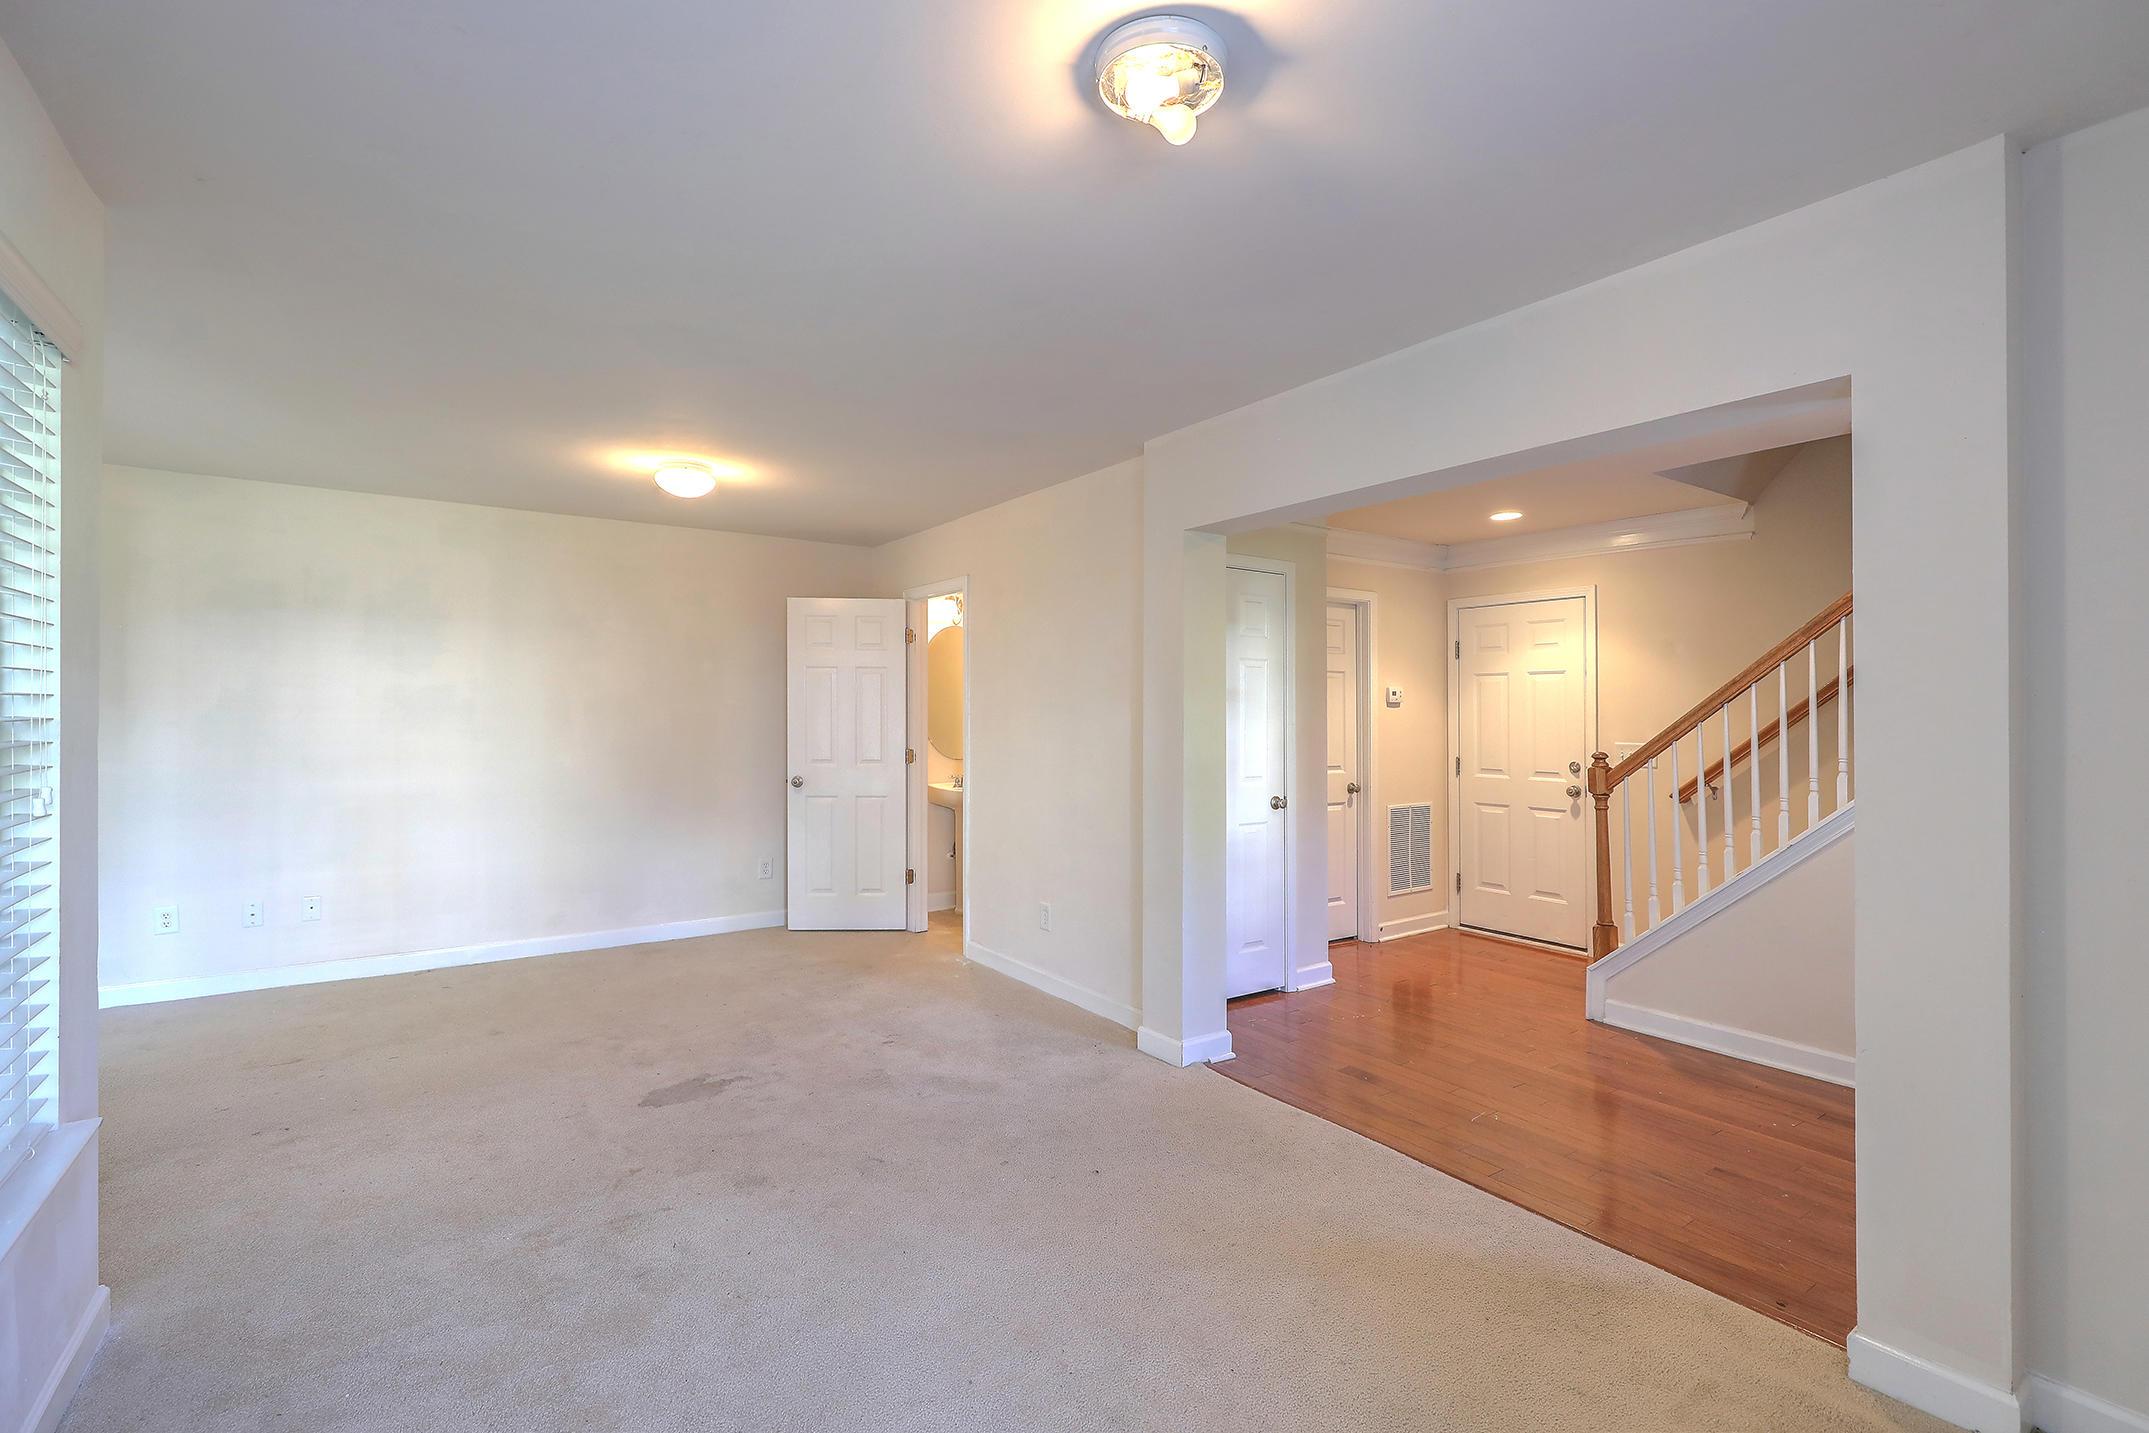 Park West Homes For Sale - 3471 Claremont, Mount Pleasant, SC - 33